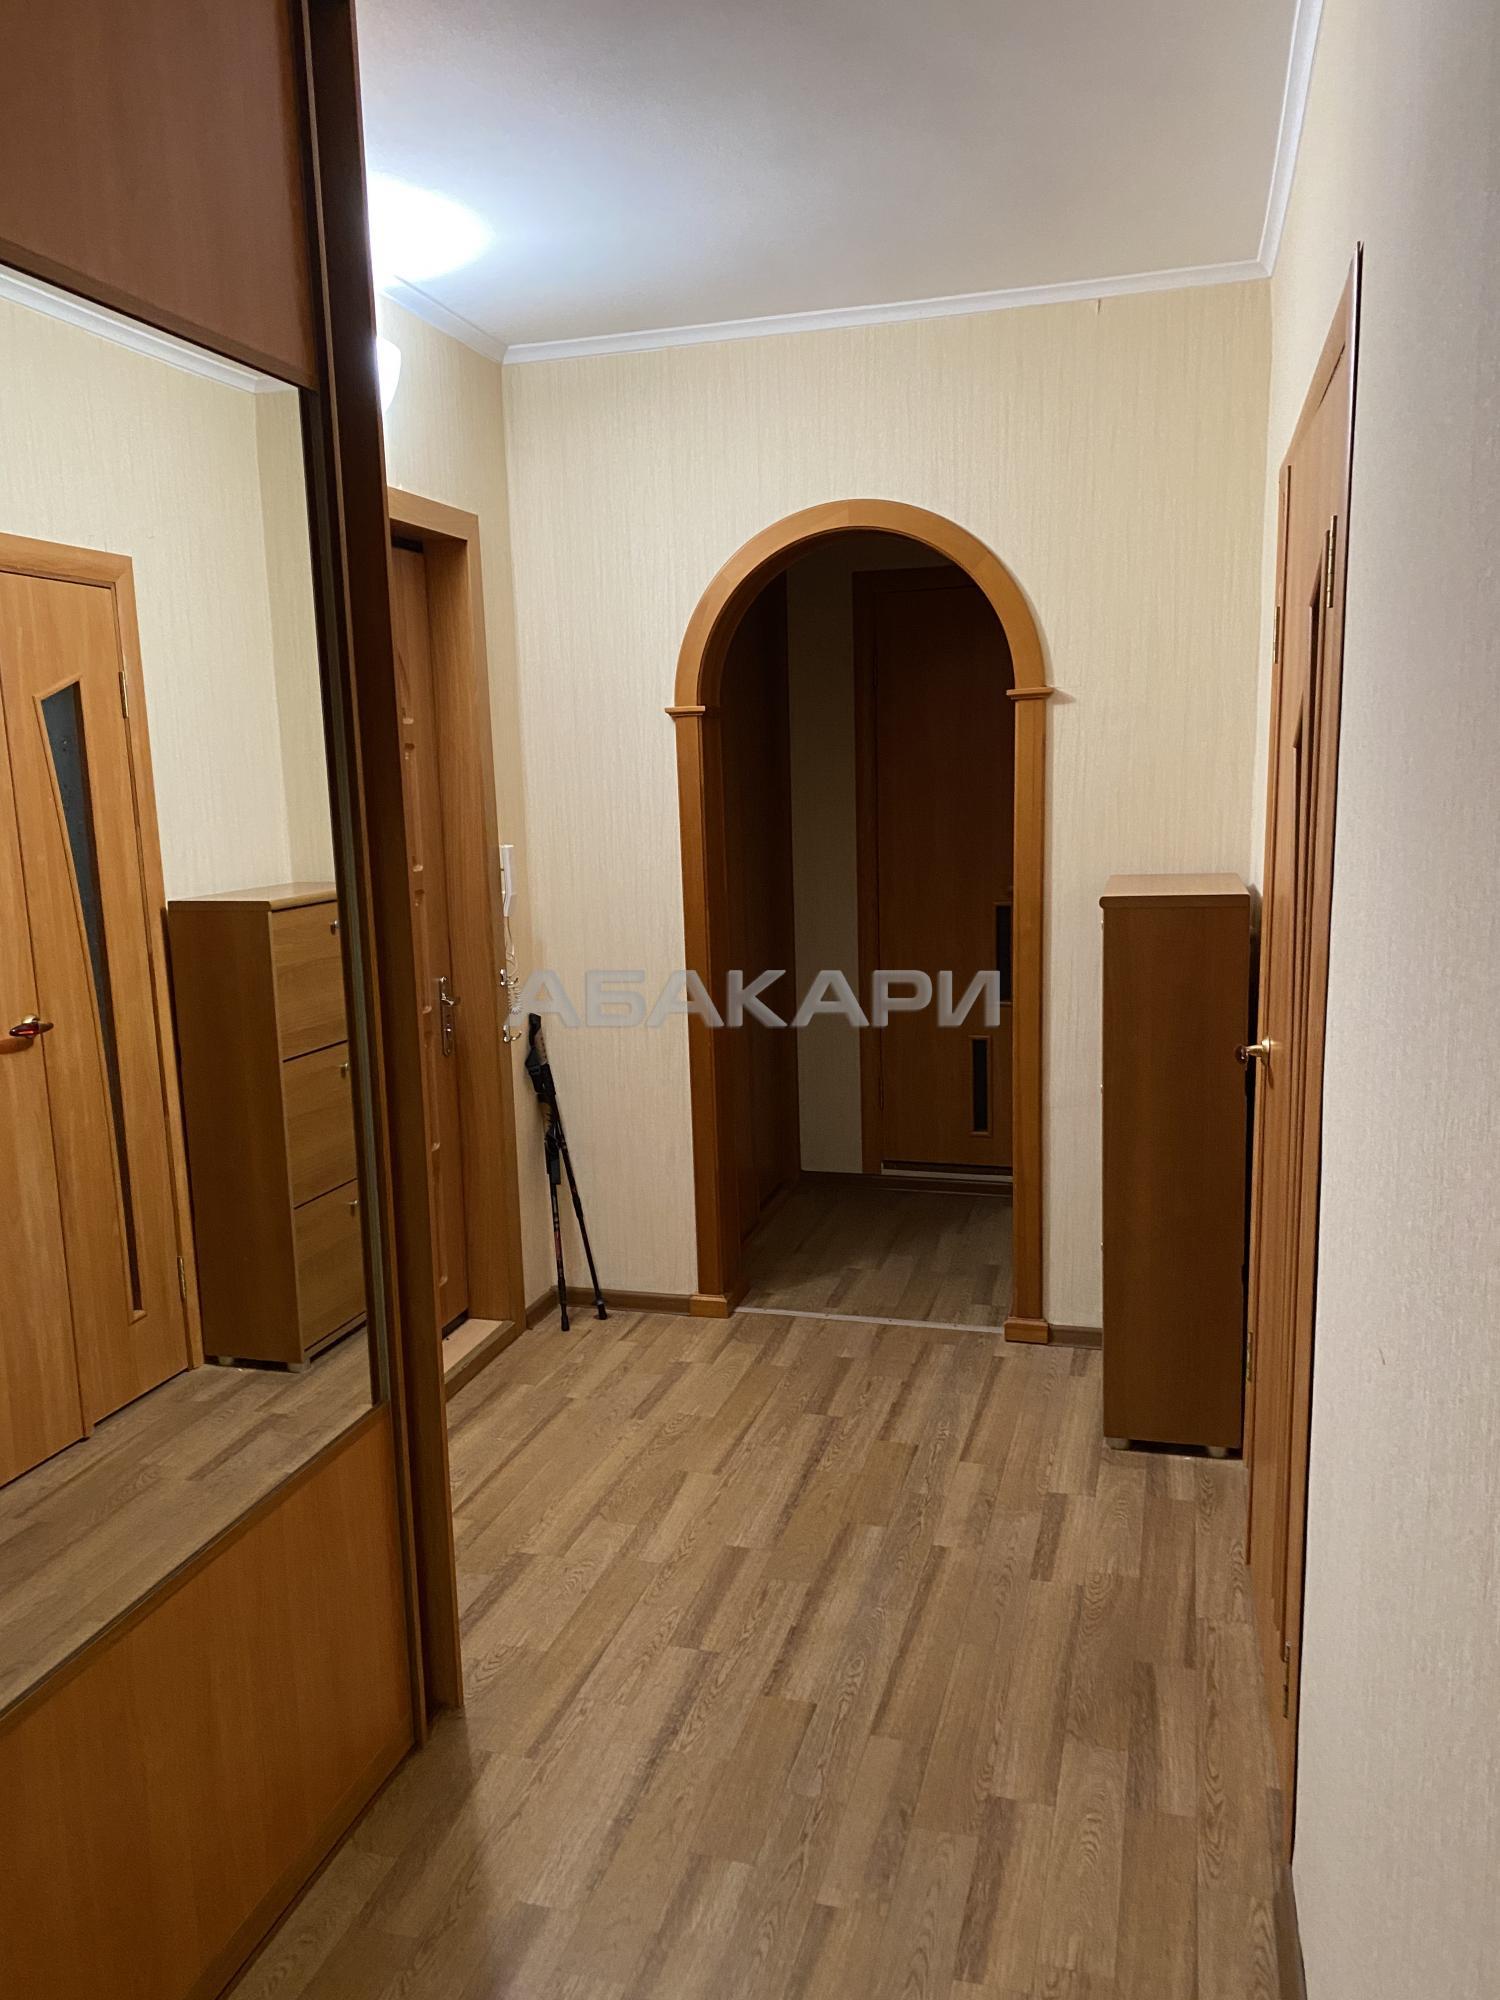 2к квартира улица Устиновича, 34А | 20000 | аренда в Красноярске фото 8